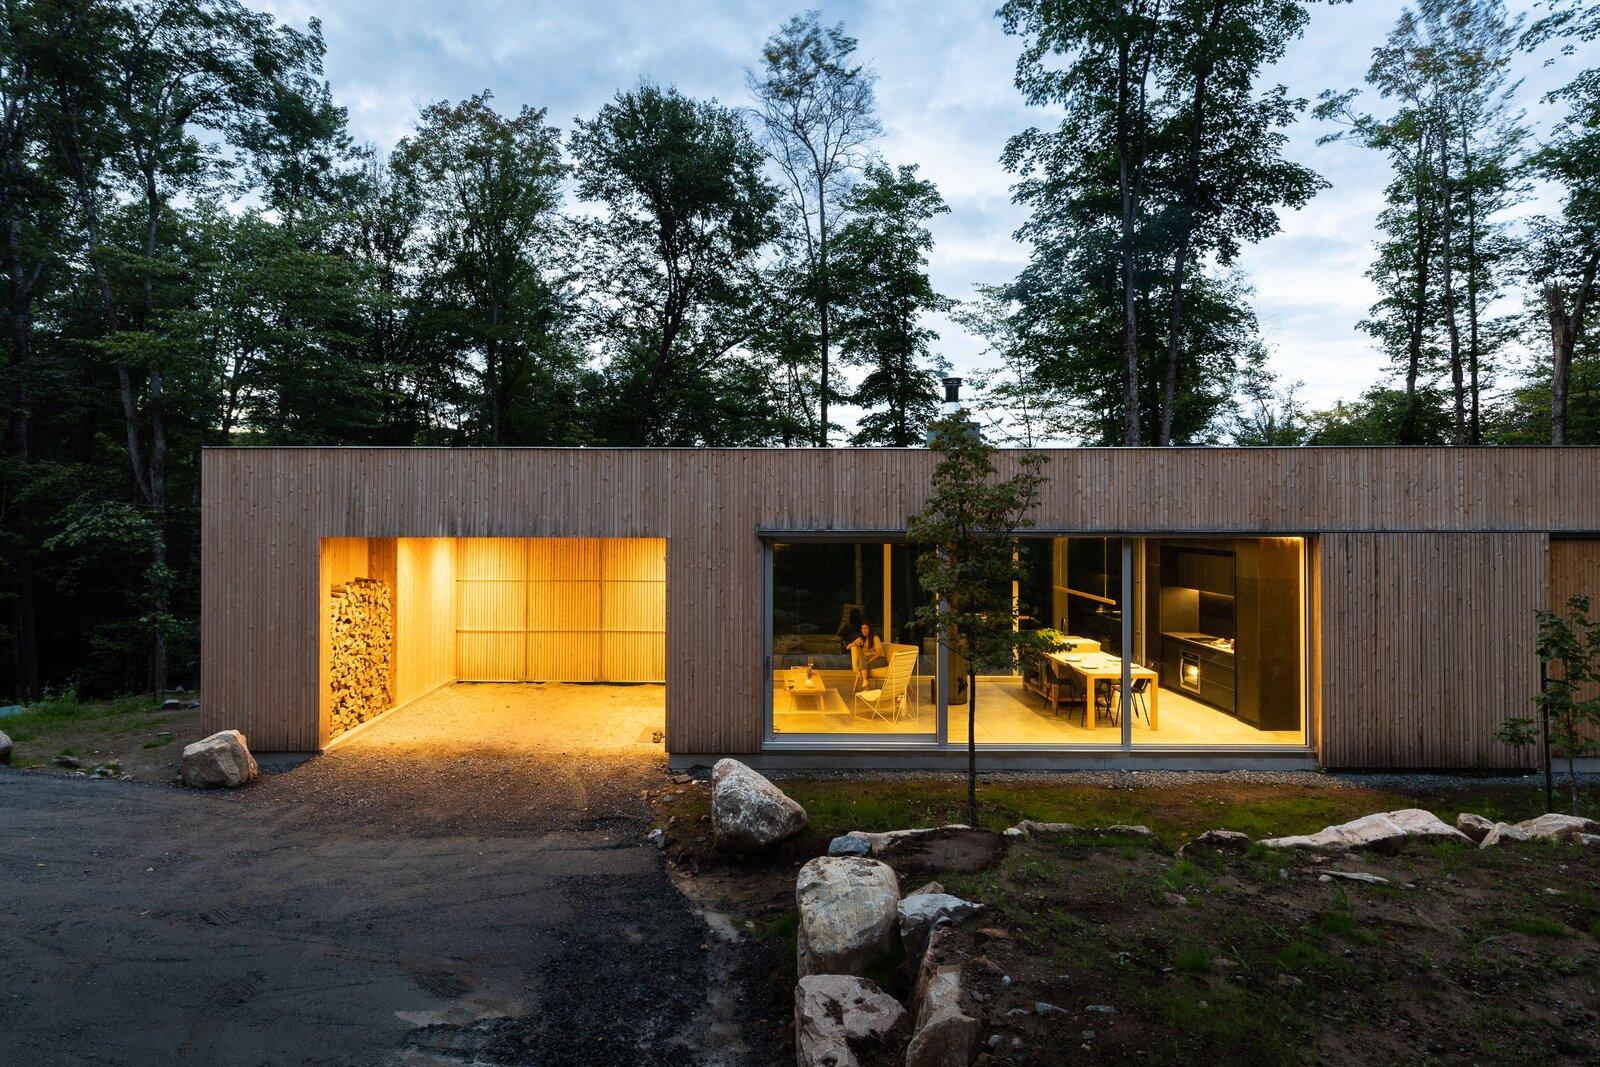 Hinterhouse exterior